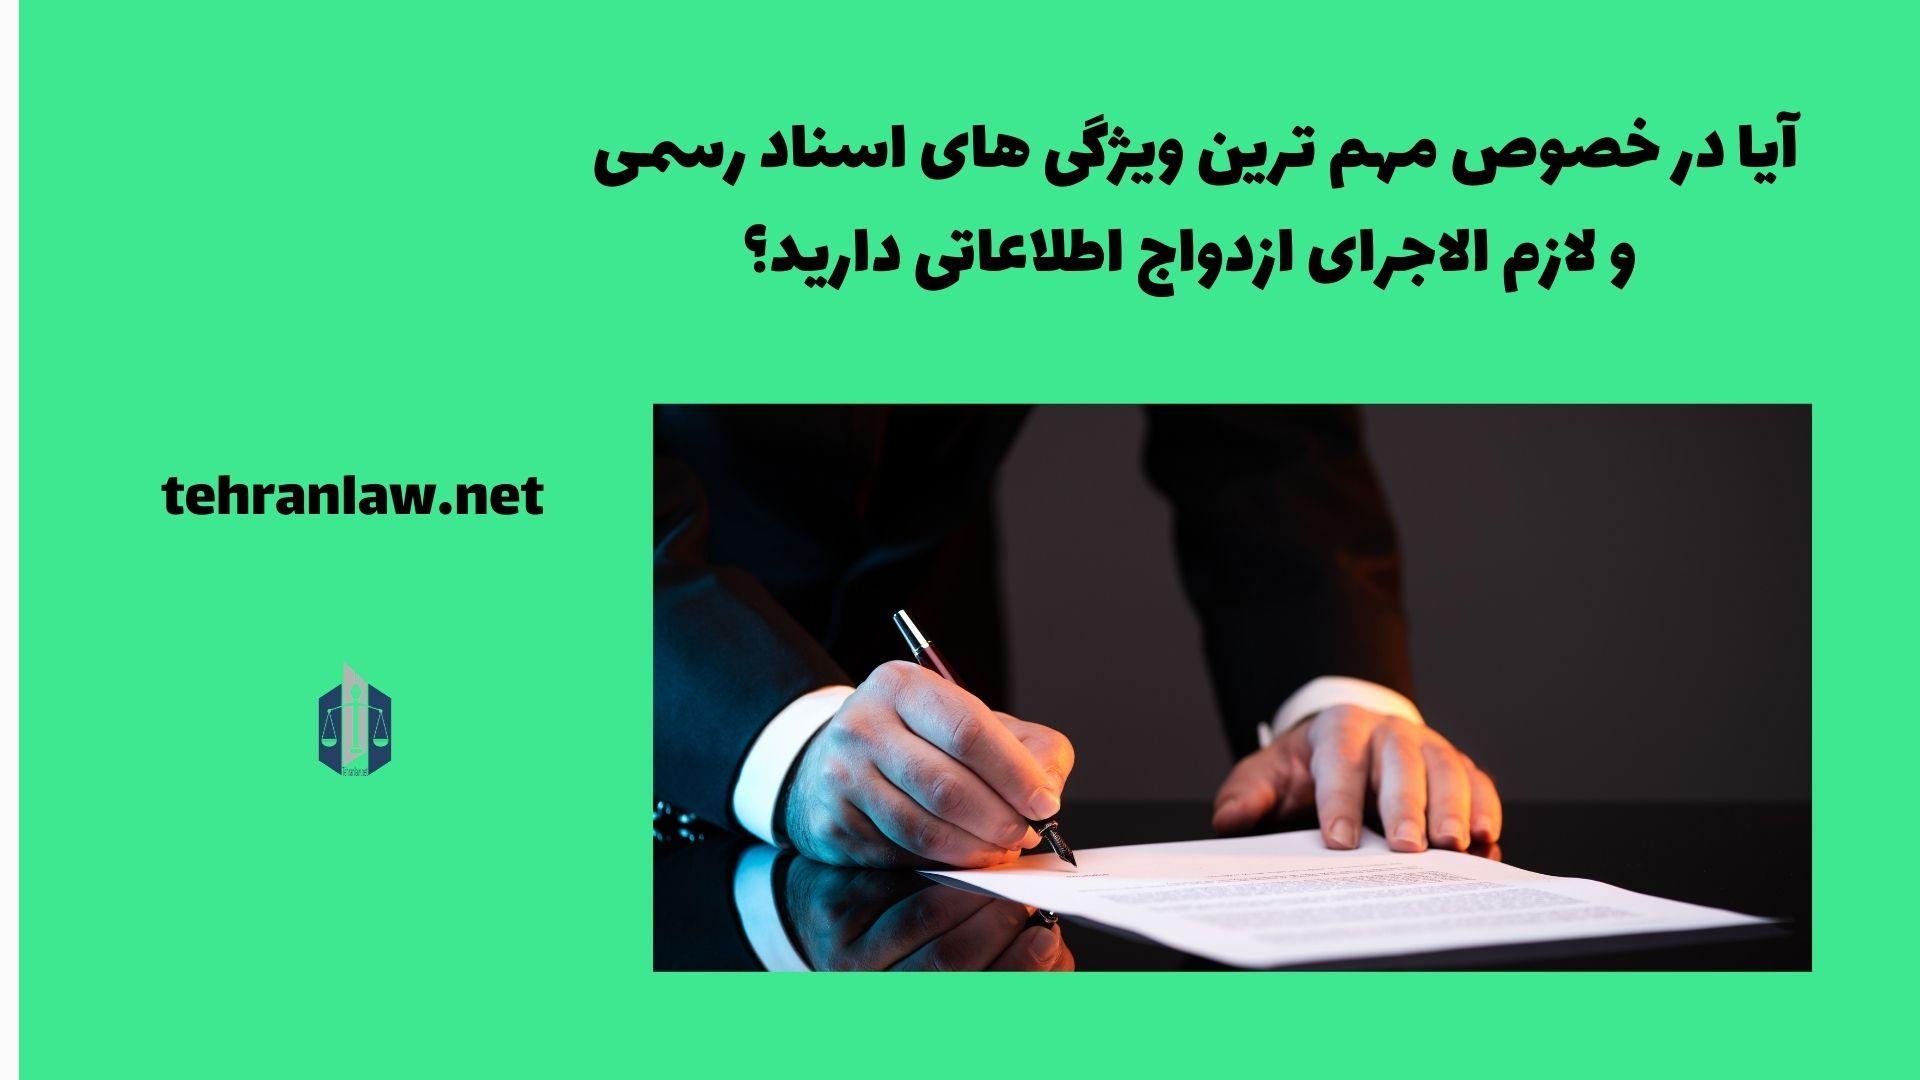 آیا در خصوص مهم ترین ویژگی های اسناد رسمی و لازم الاجرای ازدواج اطلاعاتی دارید؟